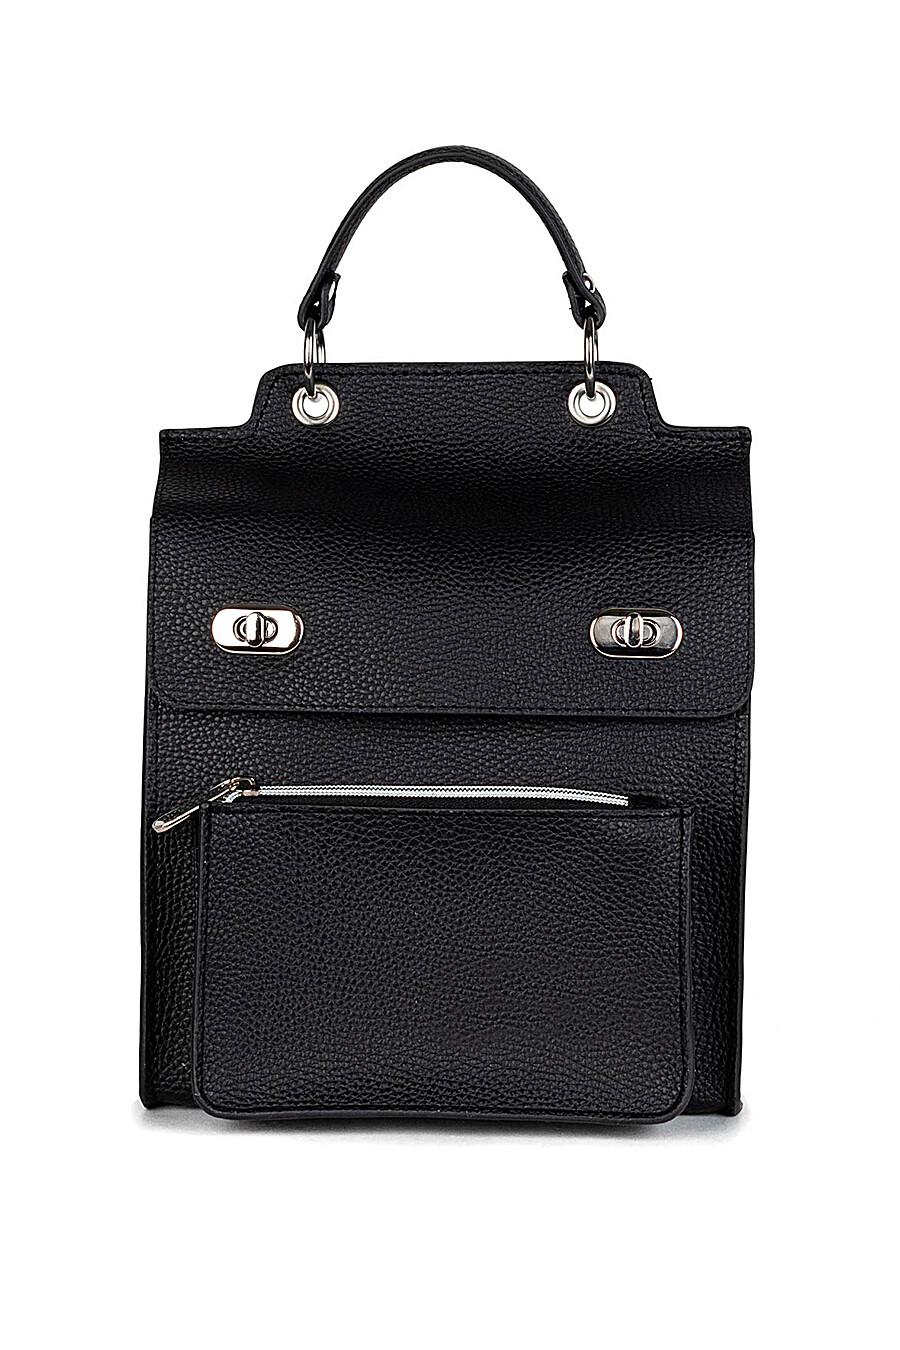 Рюкзак для женщин L-CRAFT 668052 купить оптом от производителя. Совместная покупка женской одежды в OptMoyo